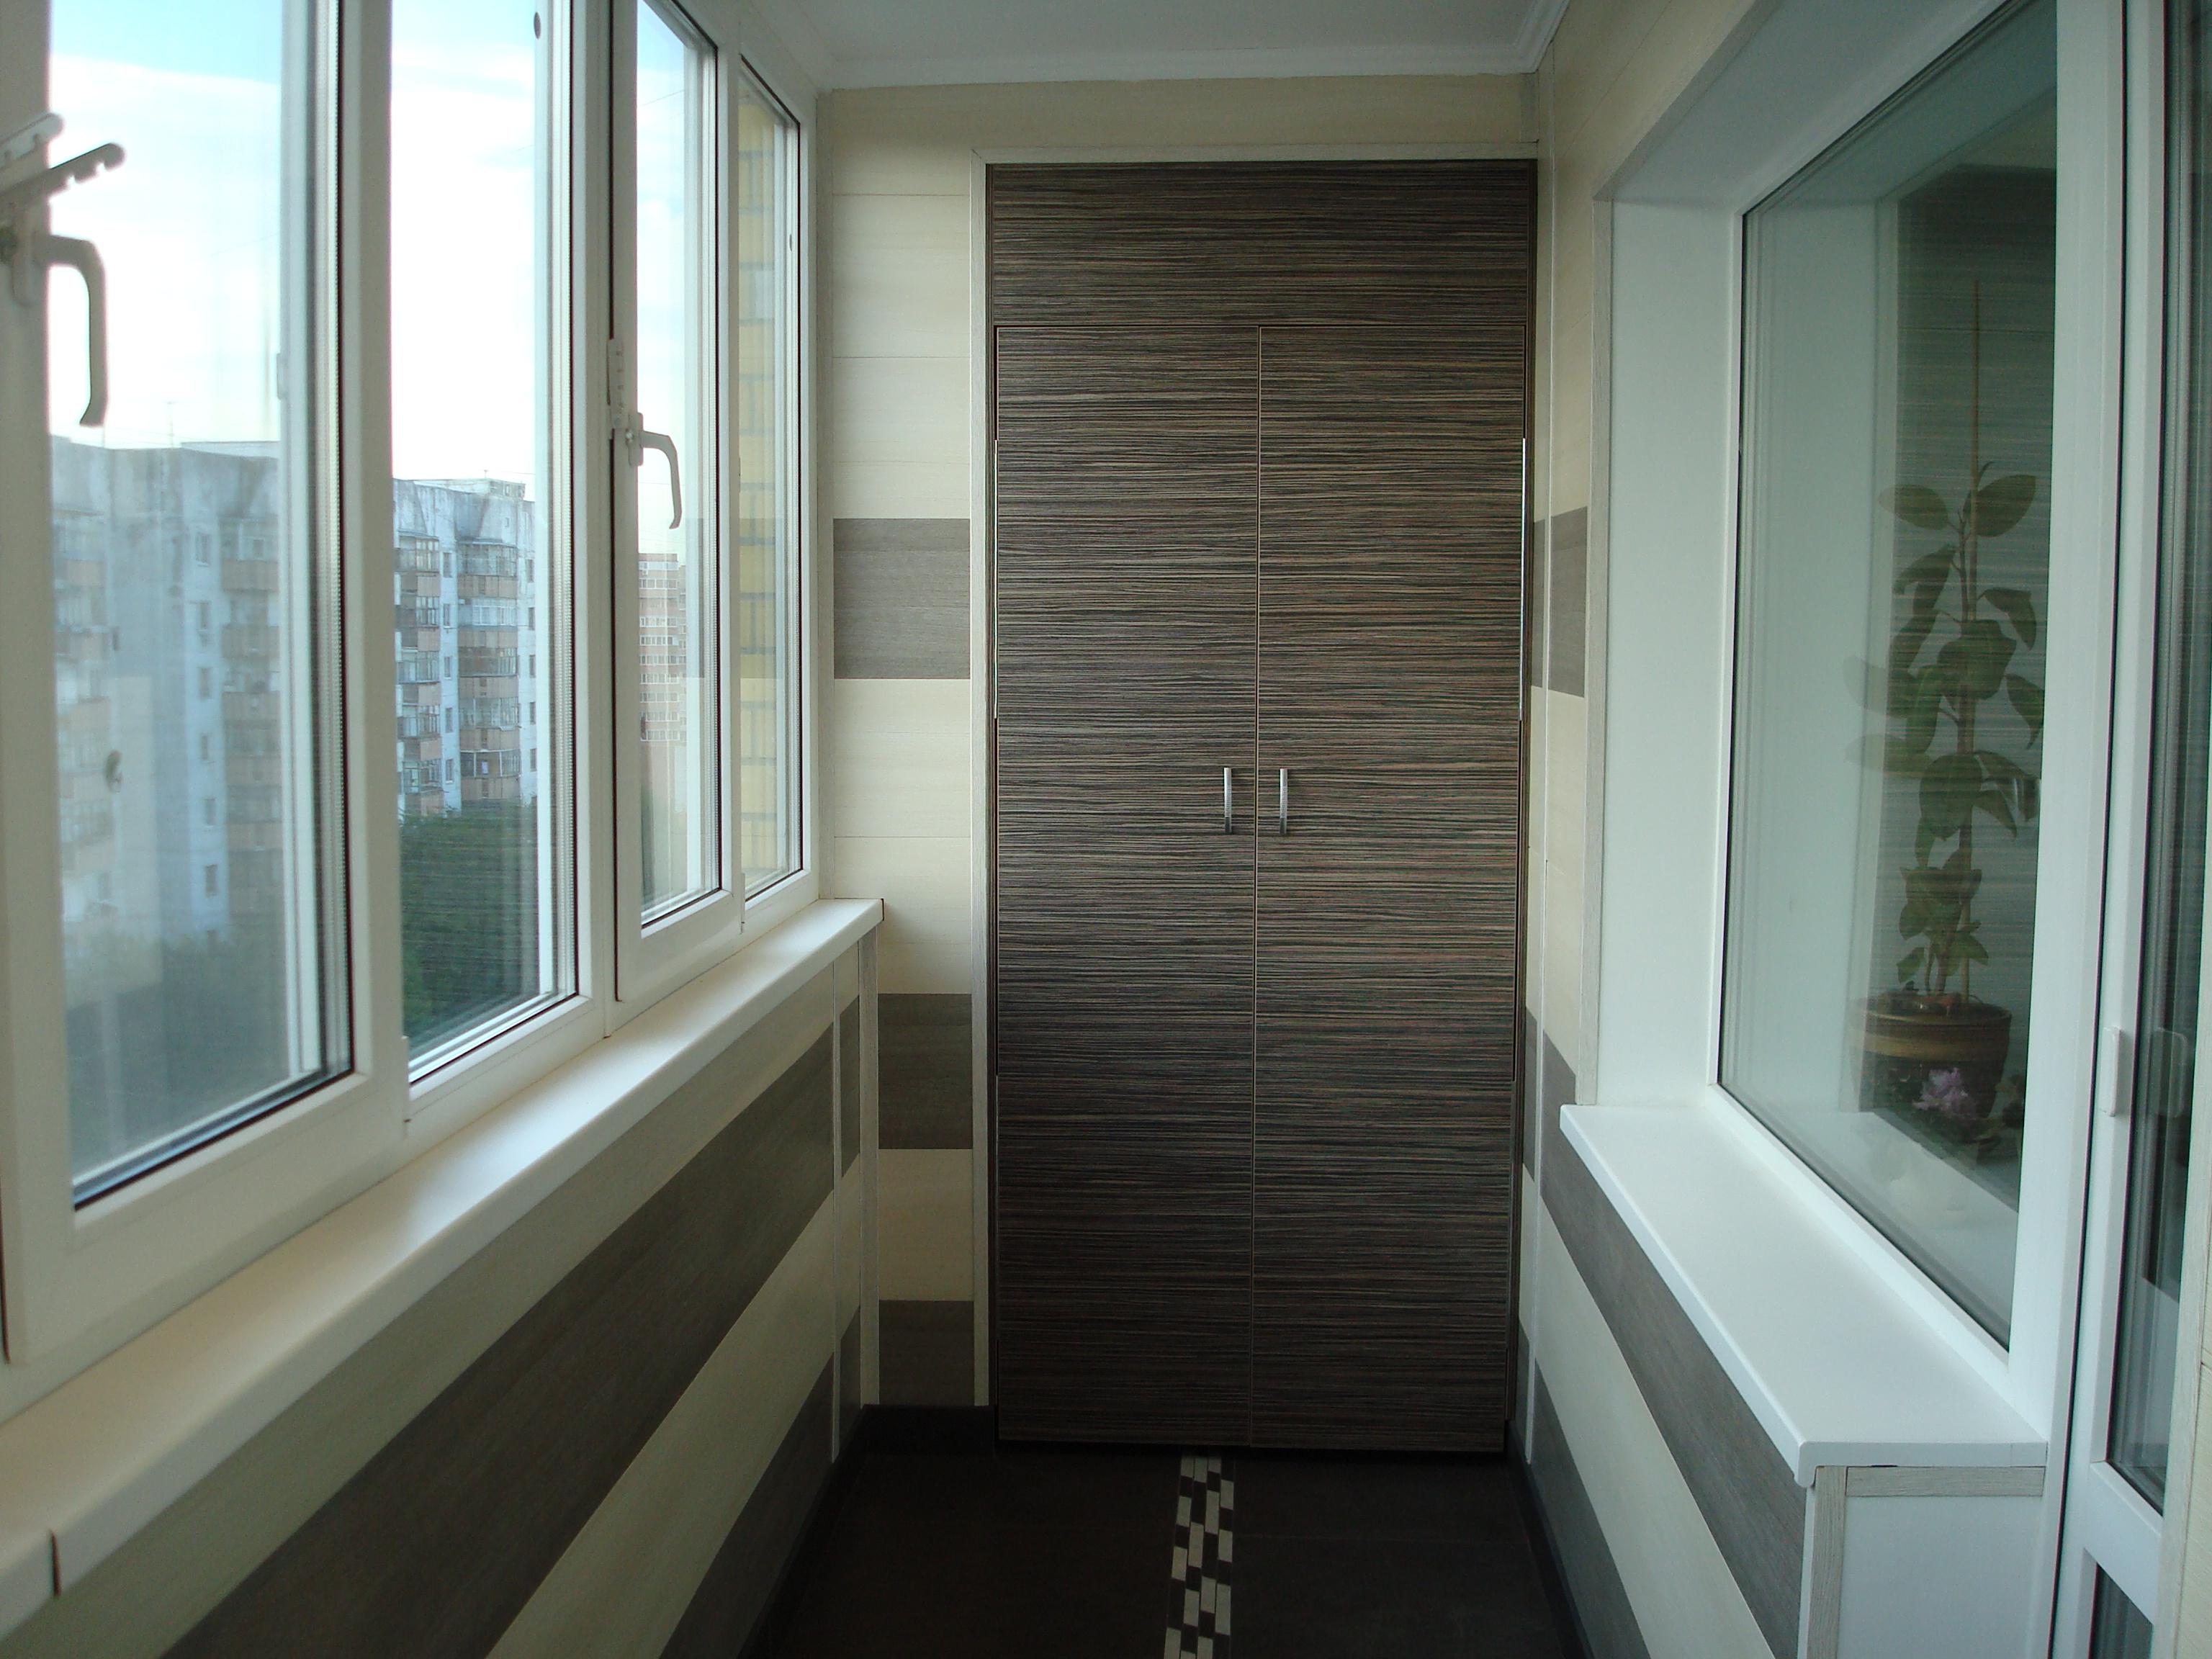 Окна в доме - отделка балконов и лоджий.